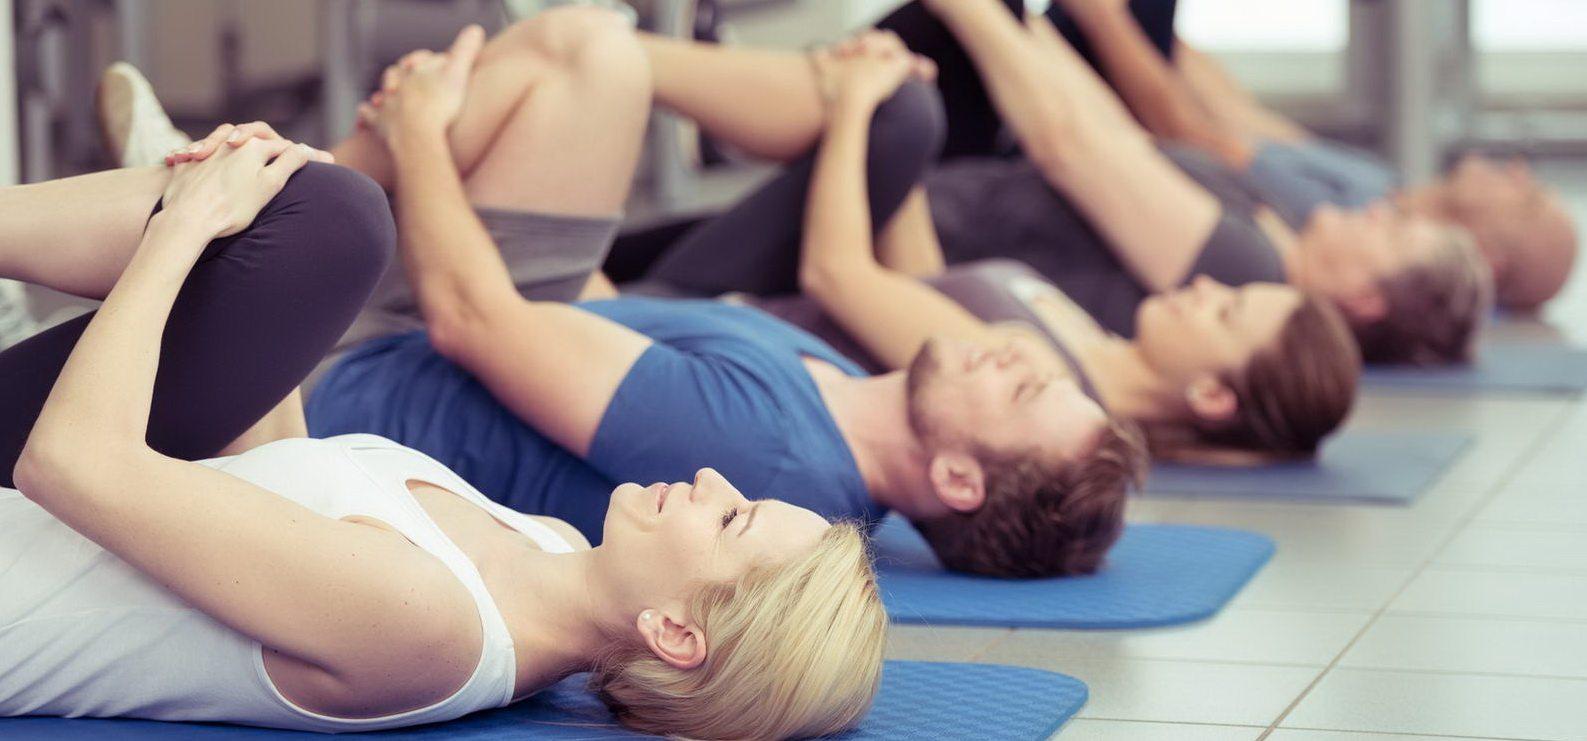 leaderfit-cours-pilates-yoga-bien-etre-corporel-north-miami-s-01